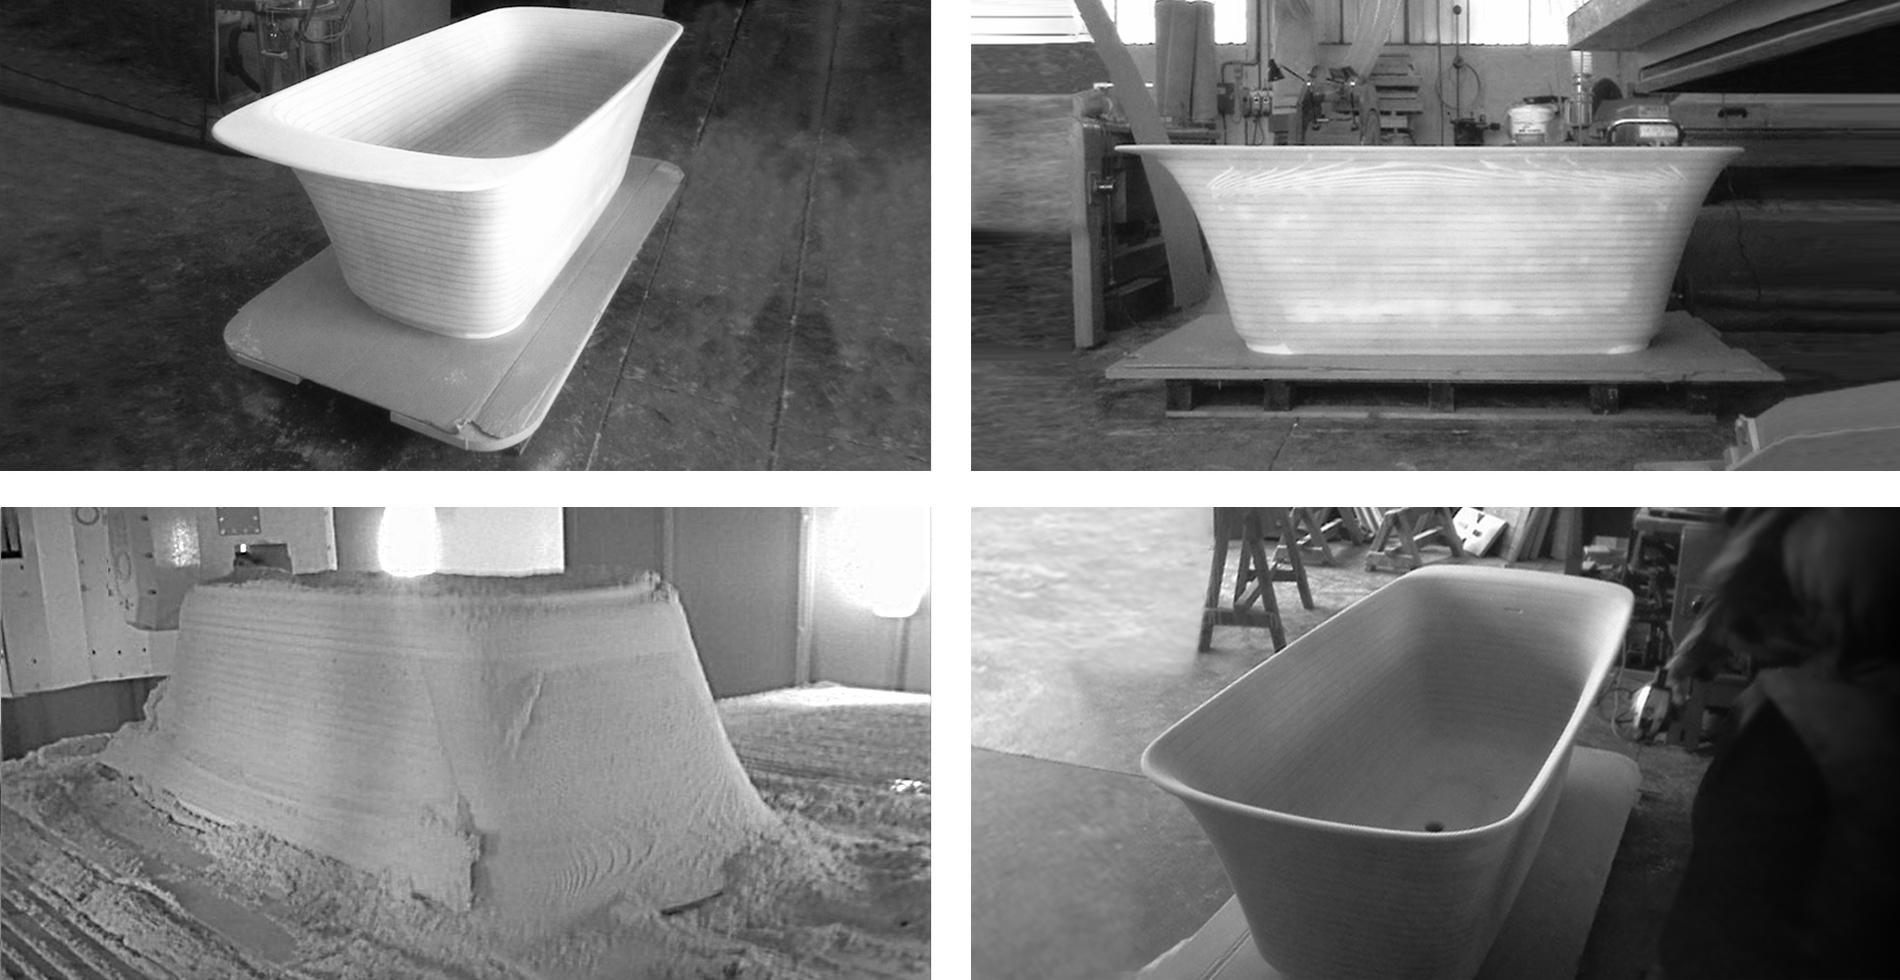 RELAIS bathtub made of pietraluce for Ceramica Globo | Design Antonio Pascale | Made in Italy